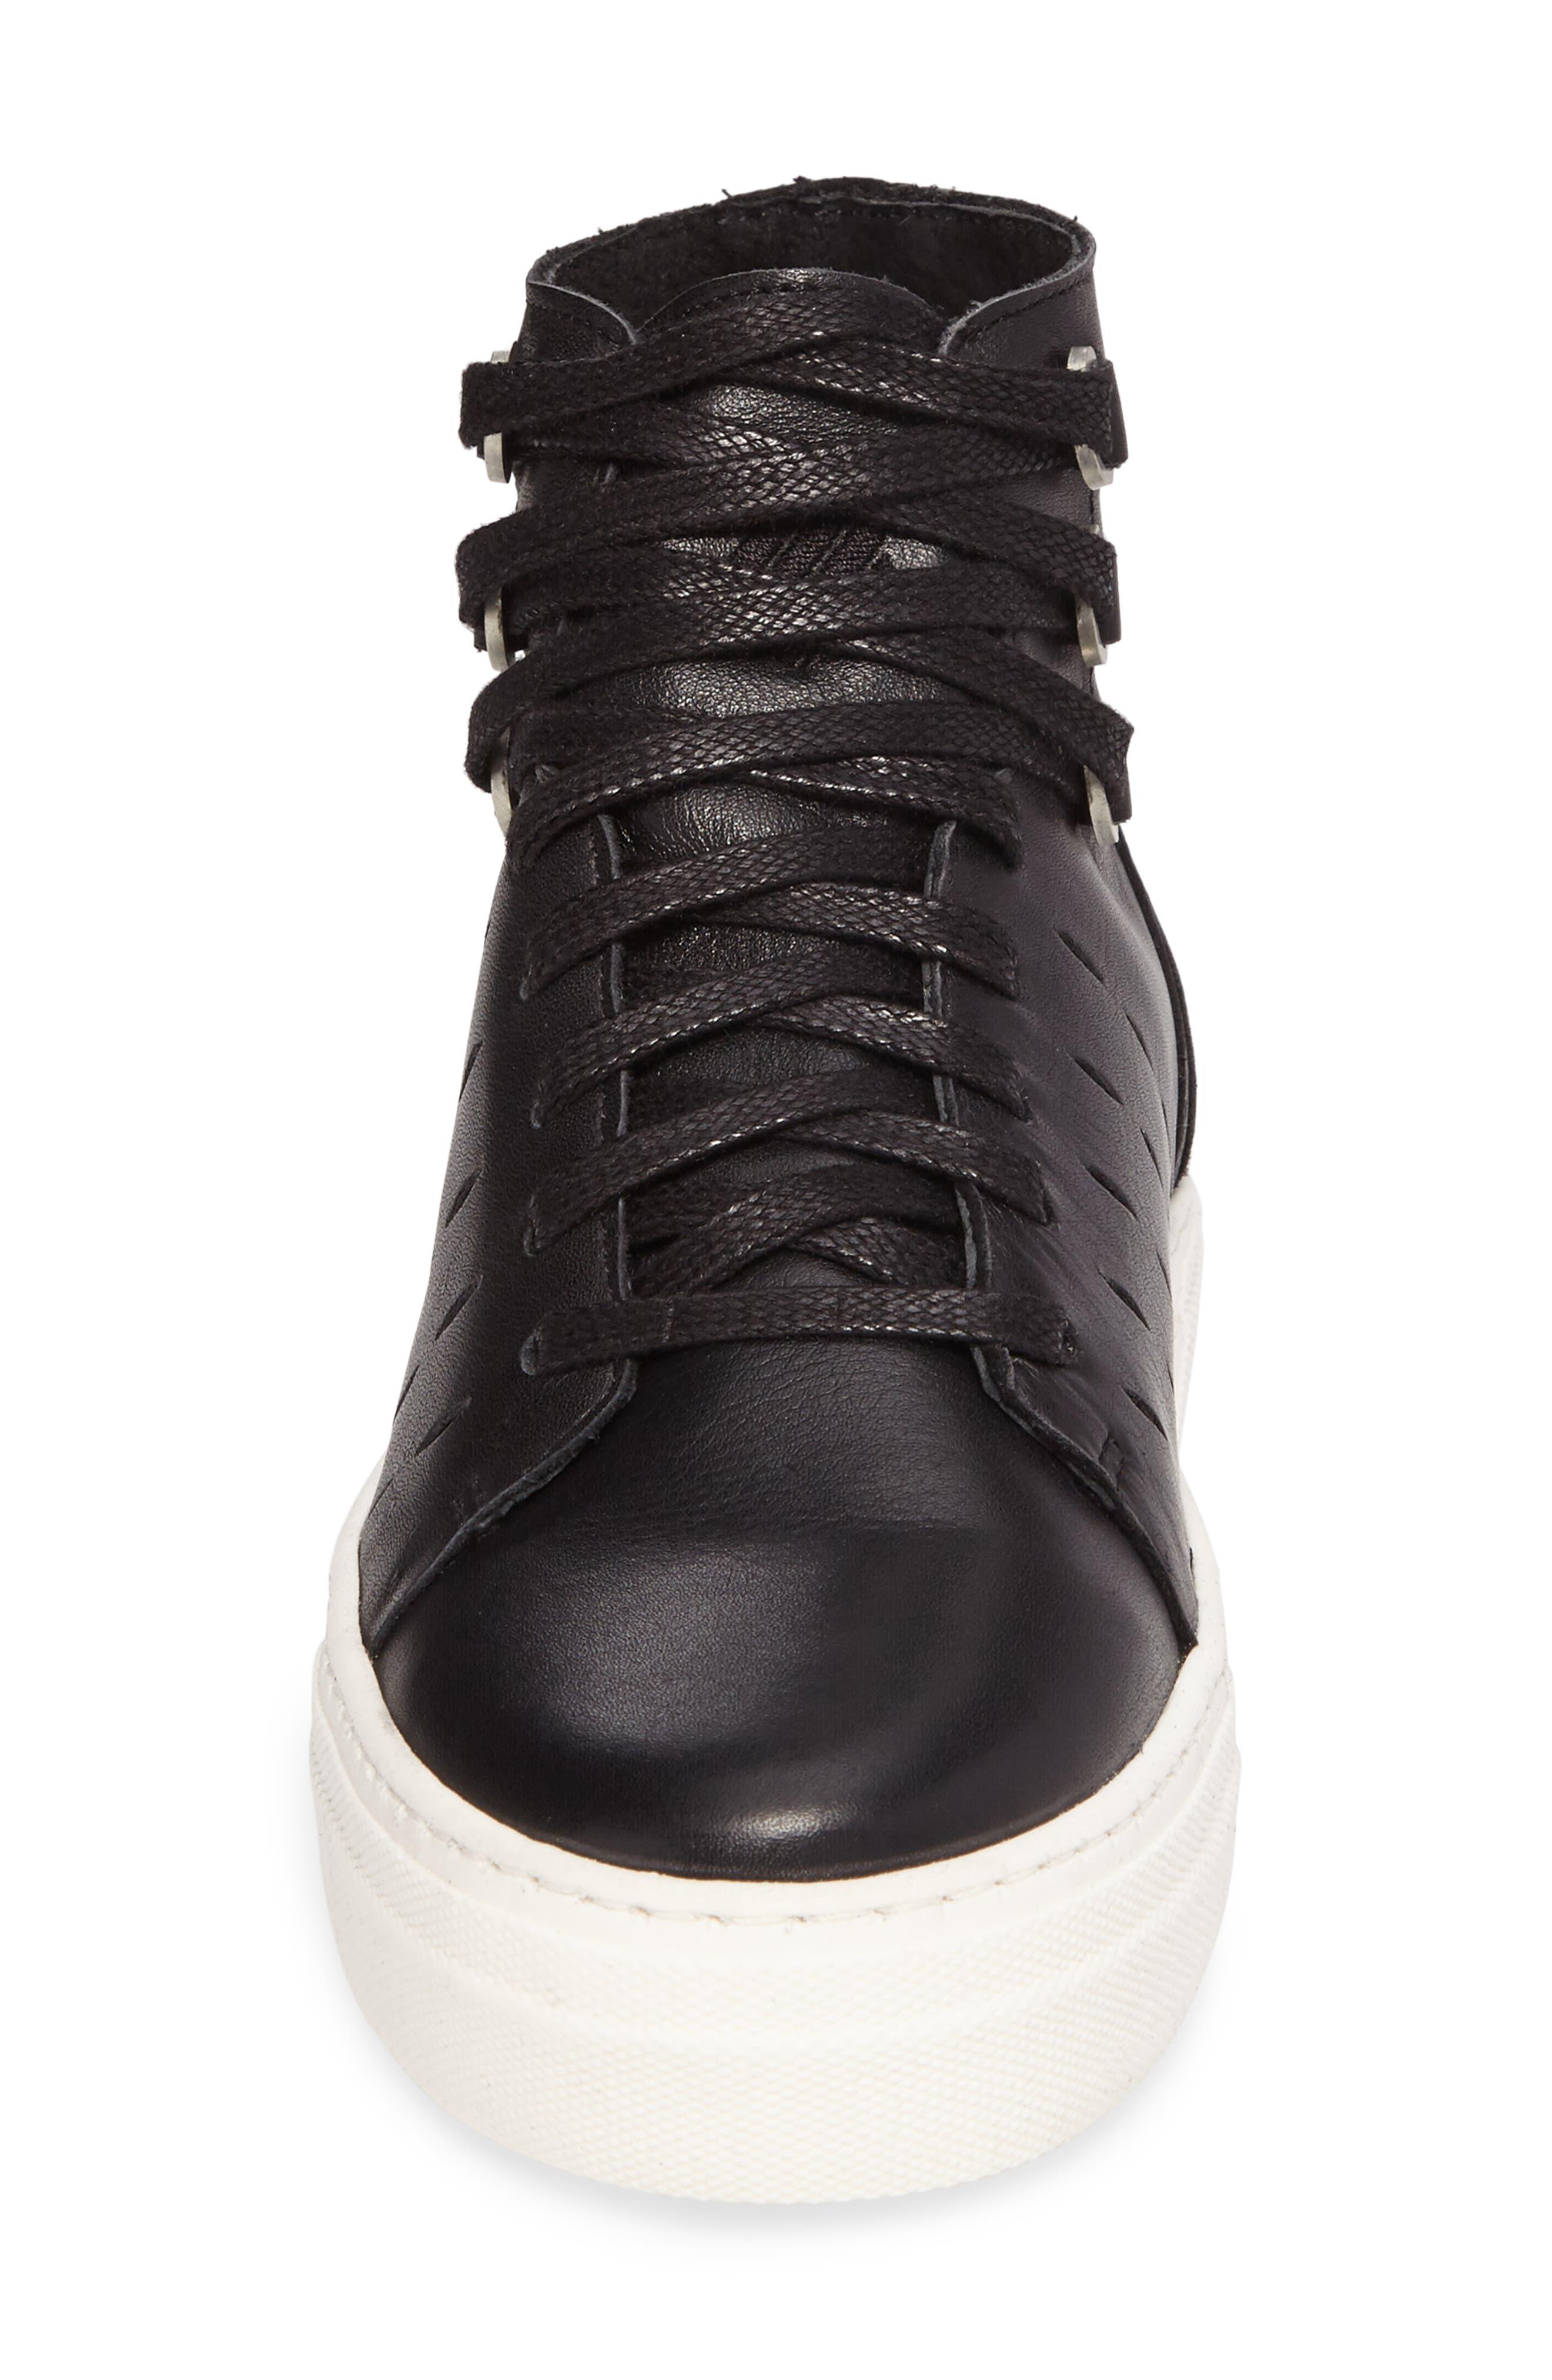 Modern High Top Sneaker,                             Alternate thumbnail 4, color,                             BLACK/ OFF WHITE